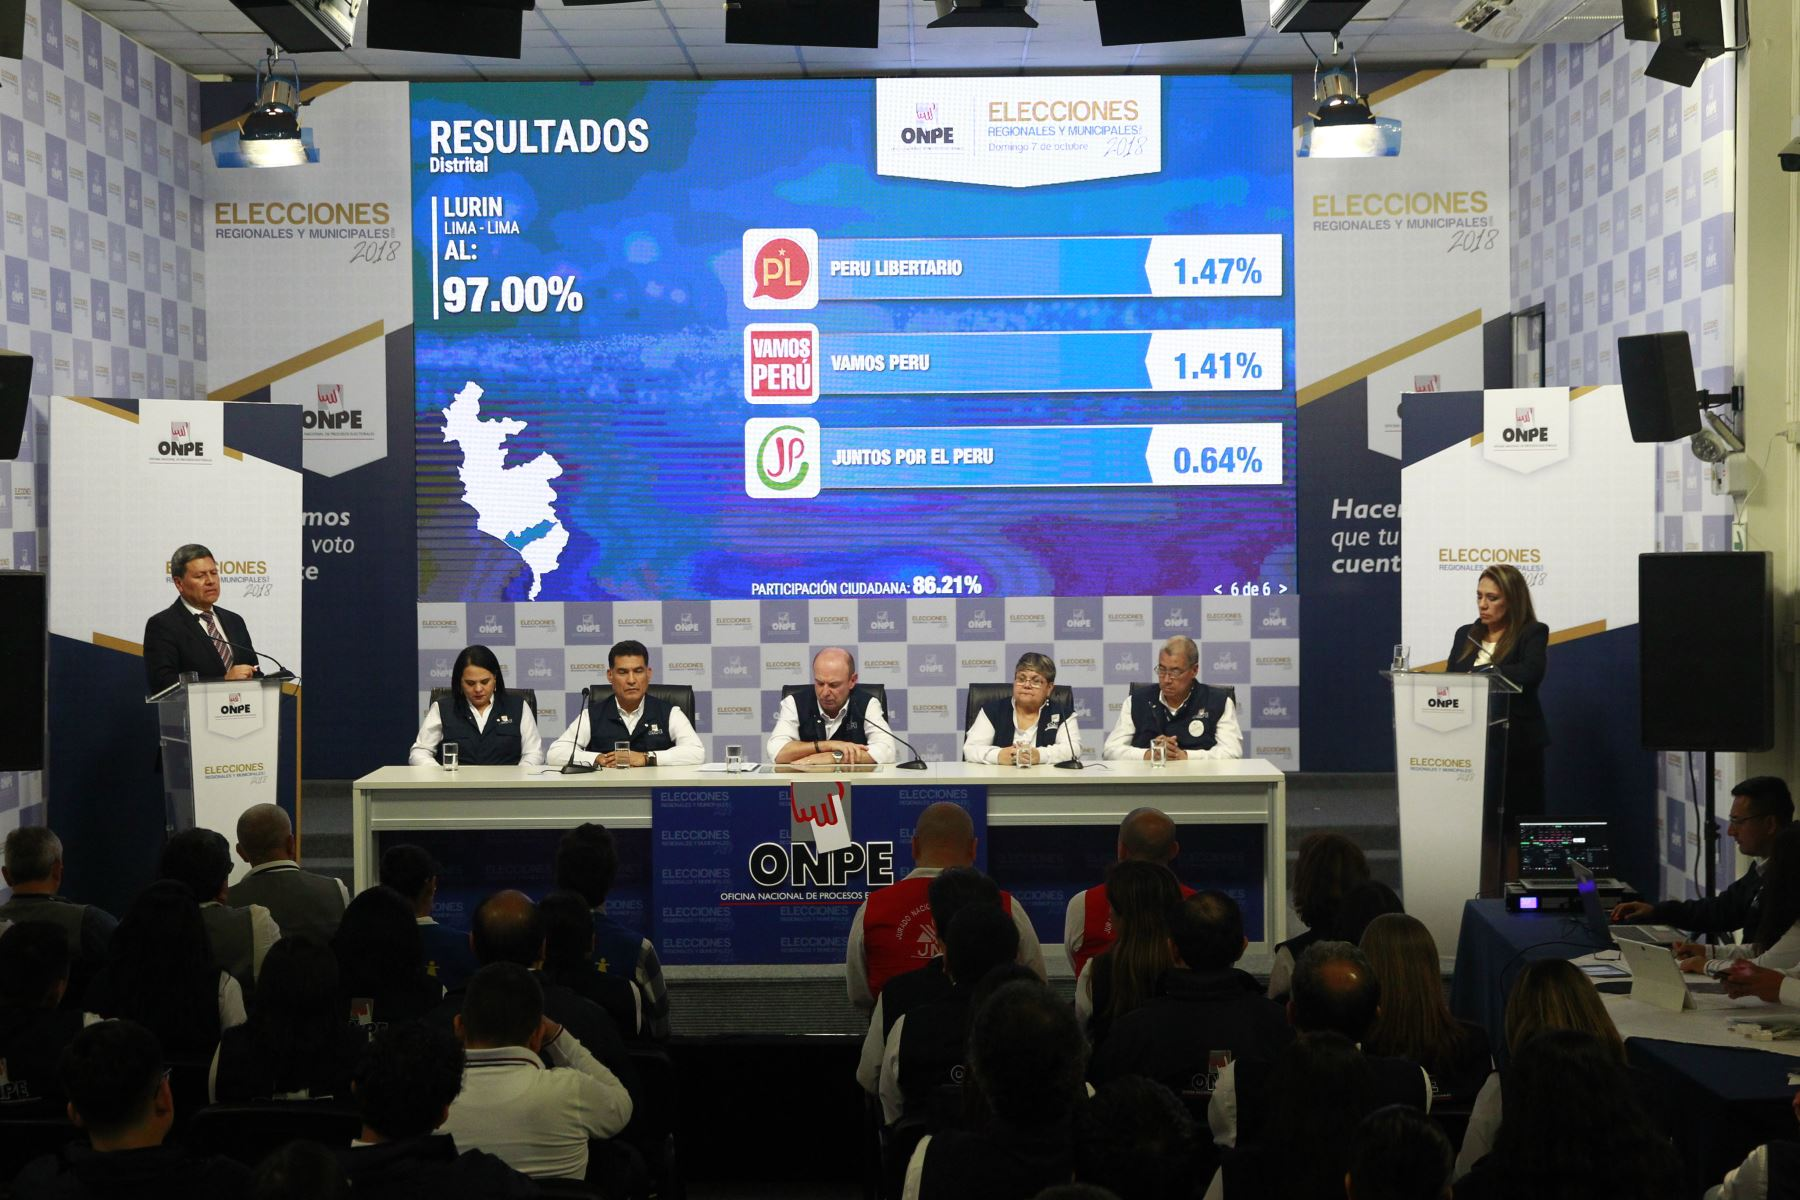 ONPE presenta resultados de conteo de votos regionales. ANDINA/Eddy Ramos